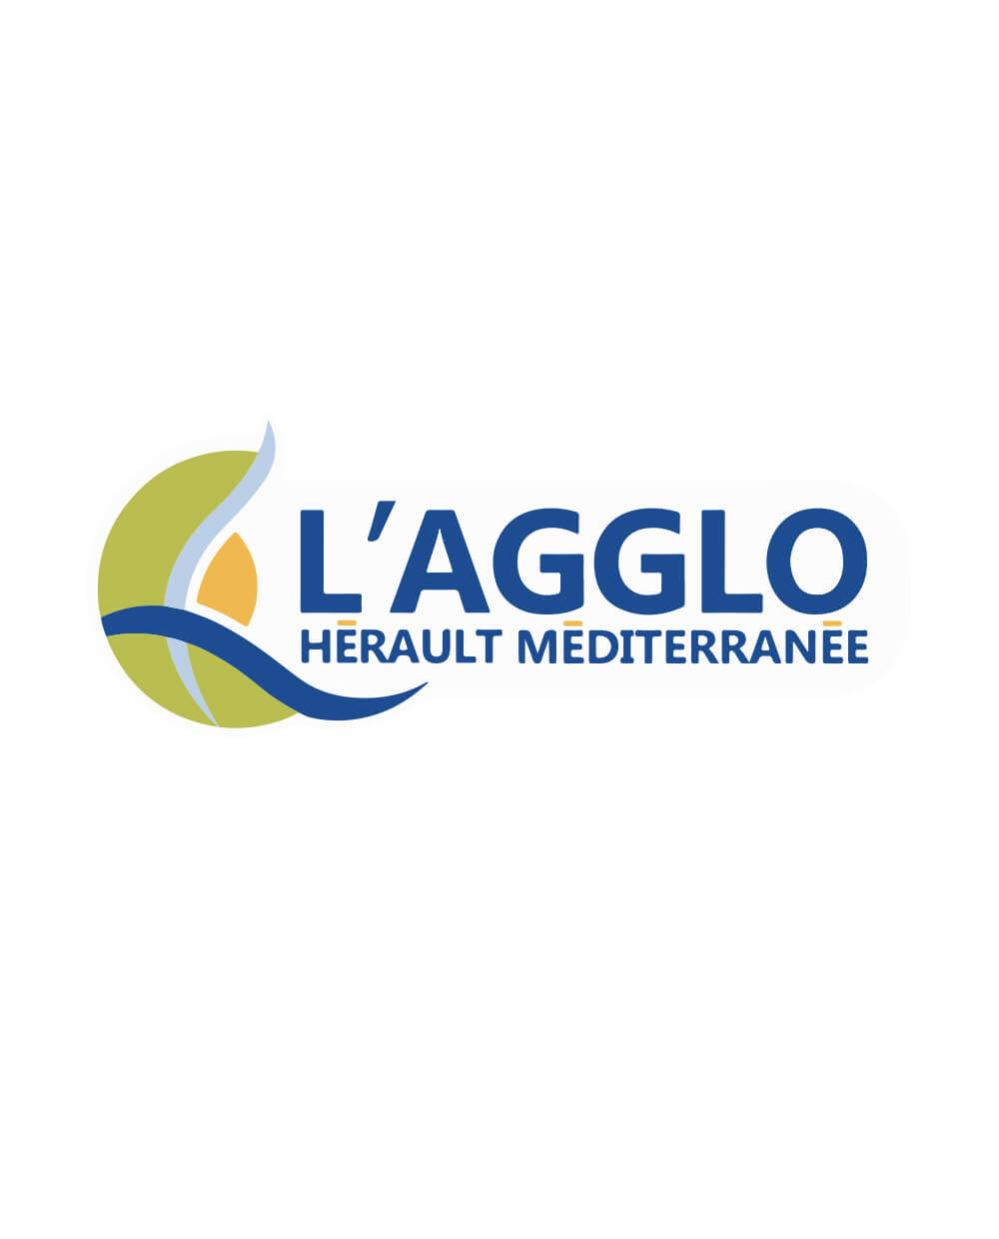 Partenaires_salon_nautique-cap-d-agde_exposition-bateaux-occitanie-vendre-louer-acheter-votre-bateau_herault_agglo_herault